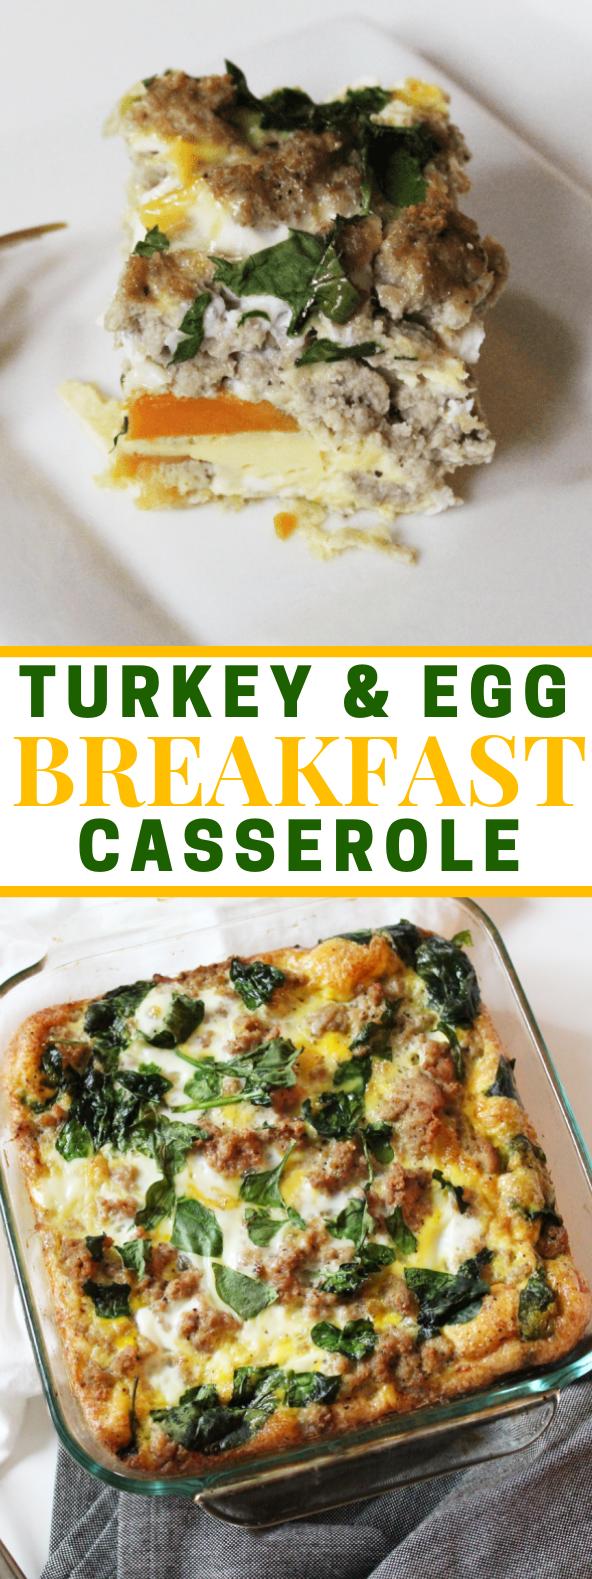 Turkey & Egg Breakfast Casserole #paleo #breakfast